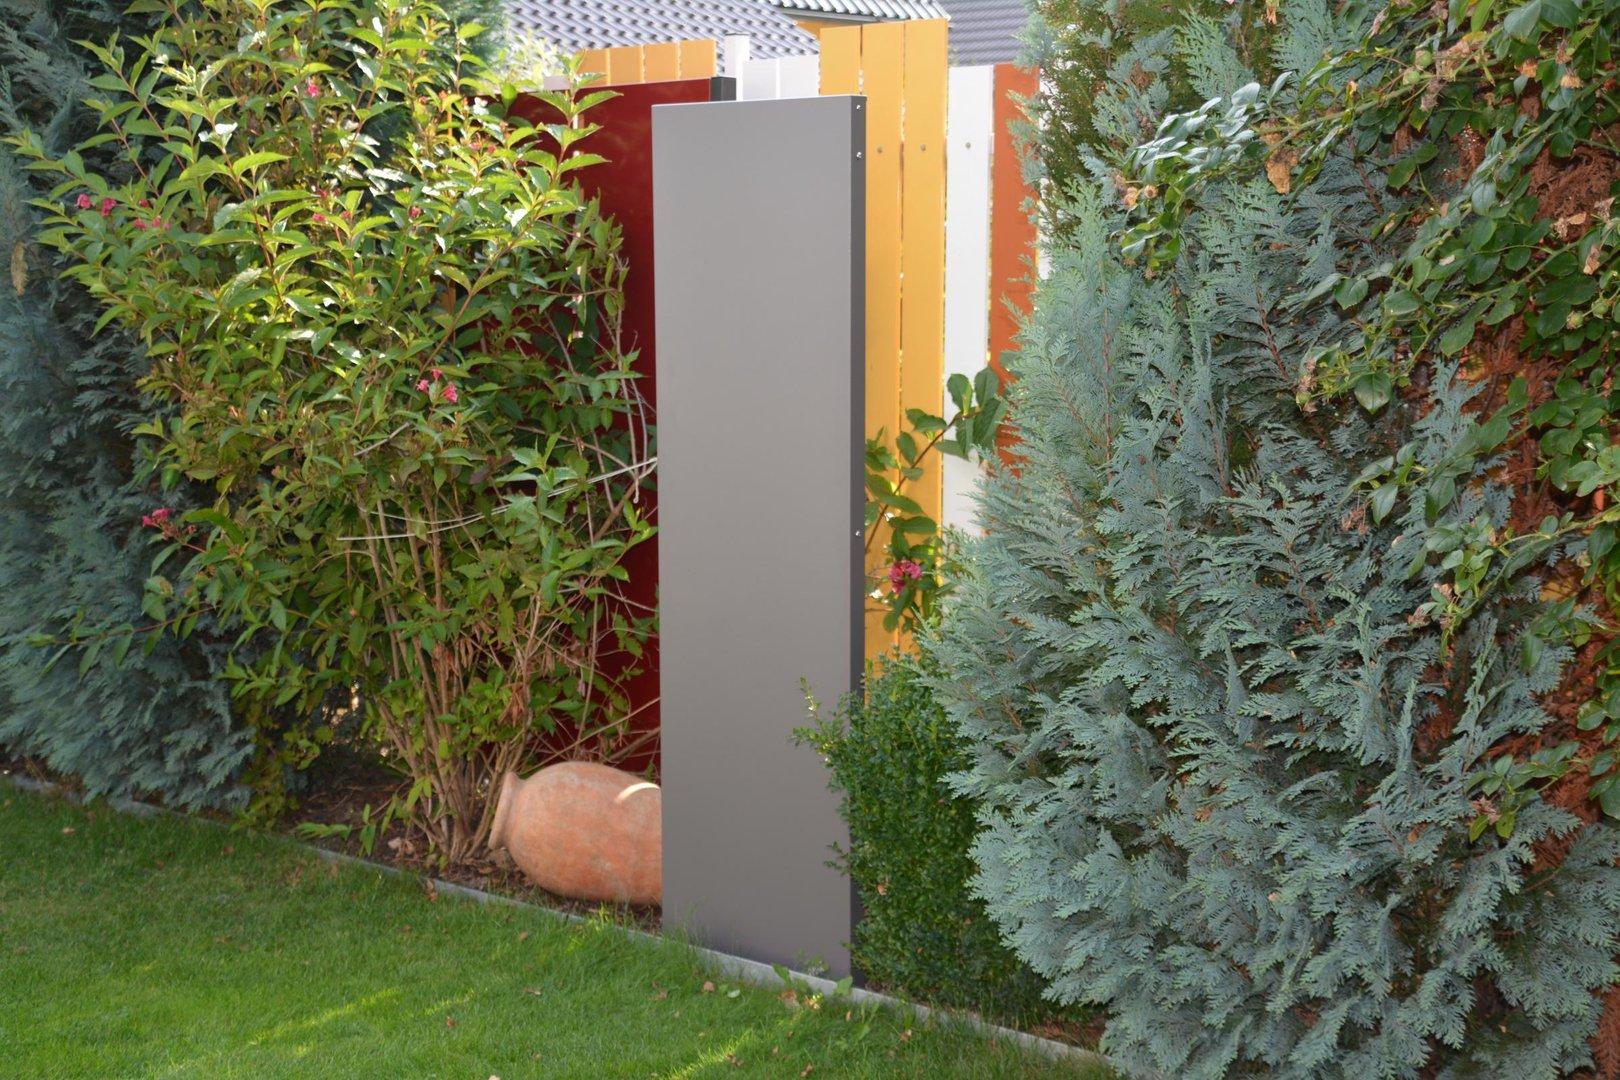 Ehrf rchtige sichtschutz metall haus design ideen - Sichtschutzwande fur terrassen ...